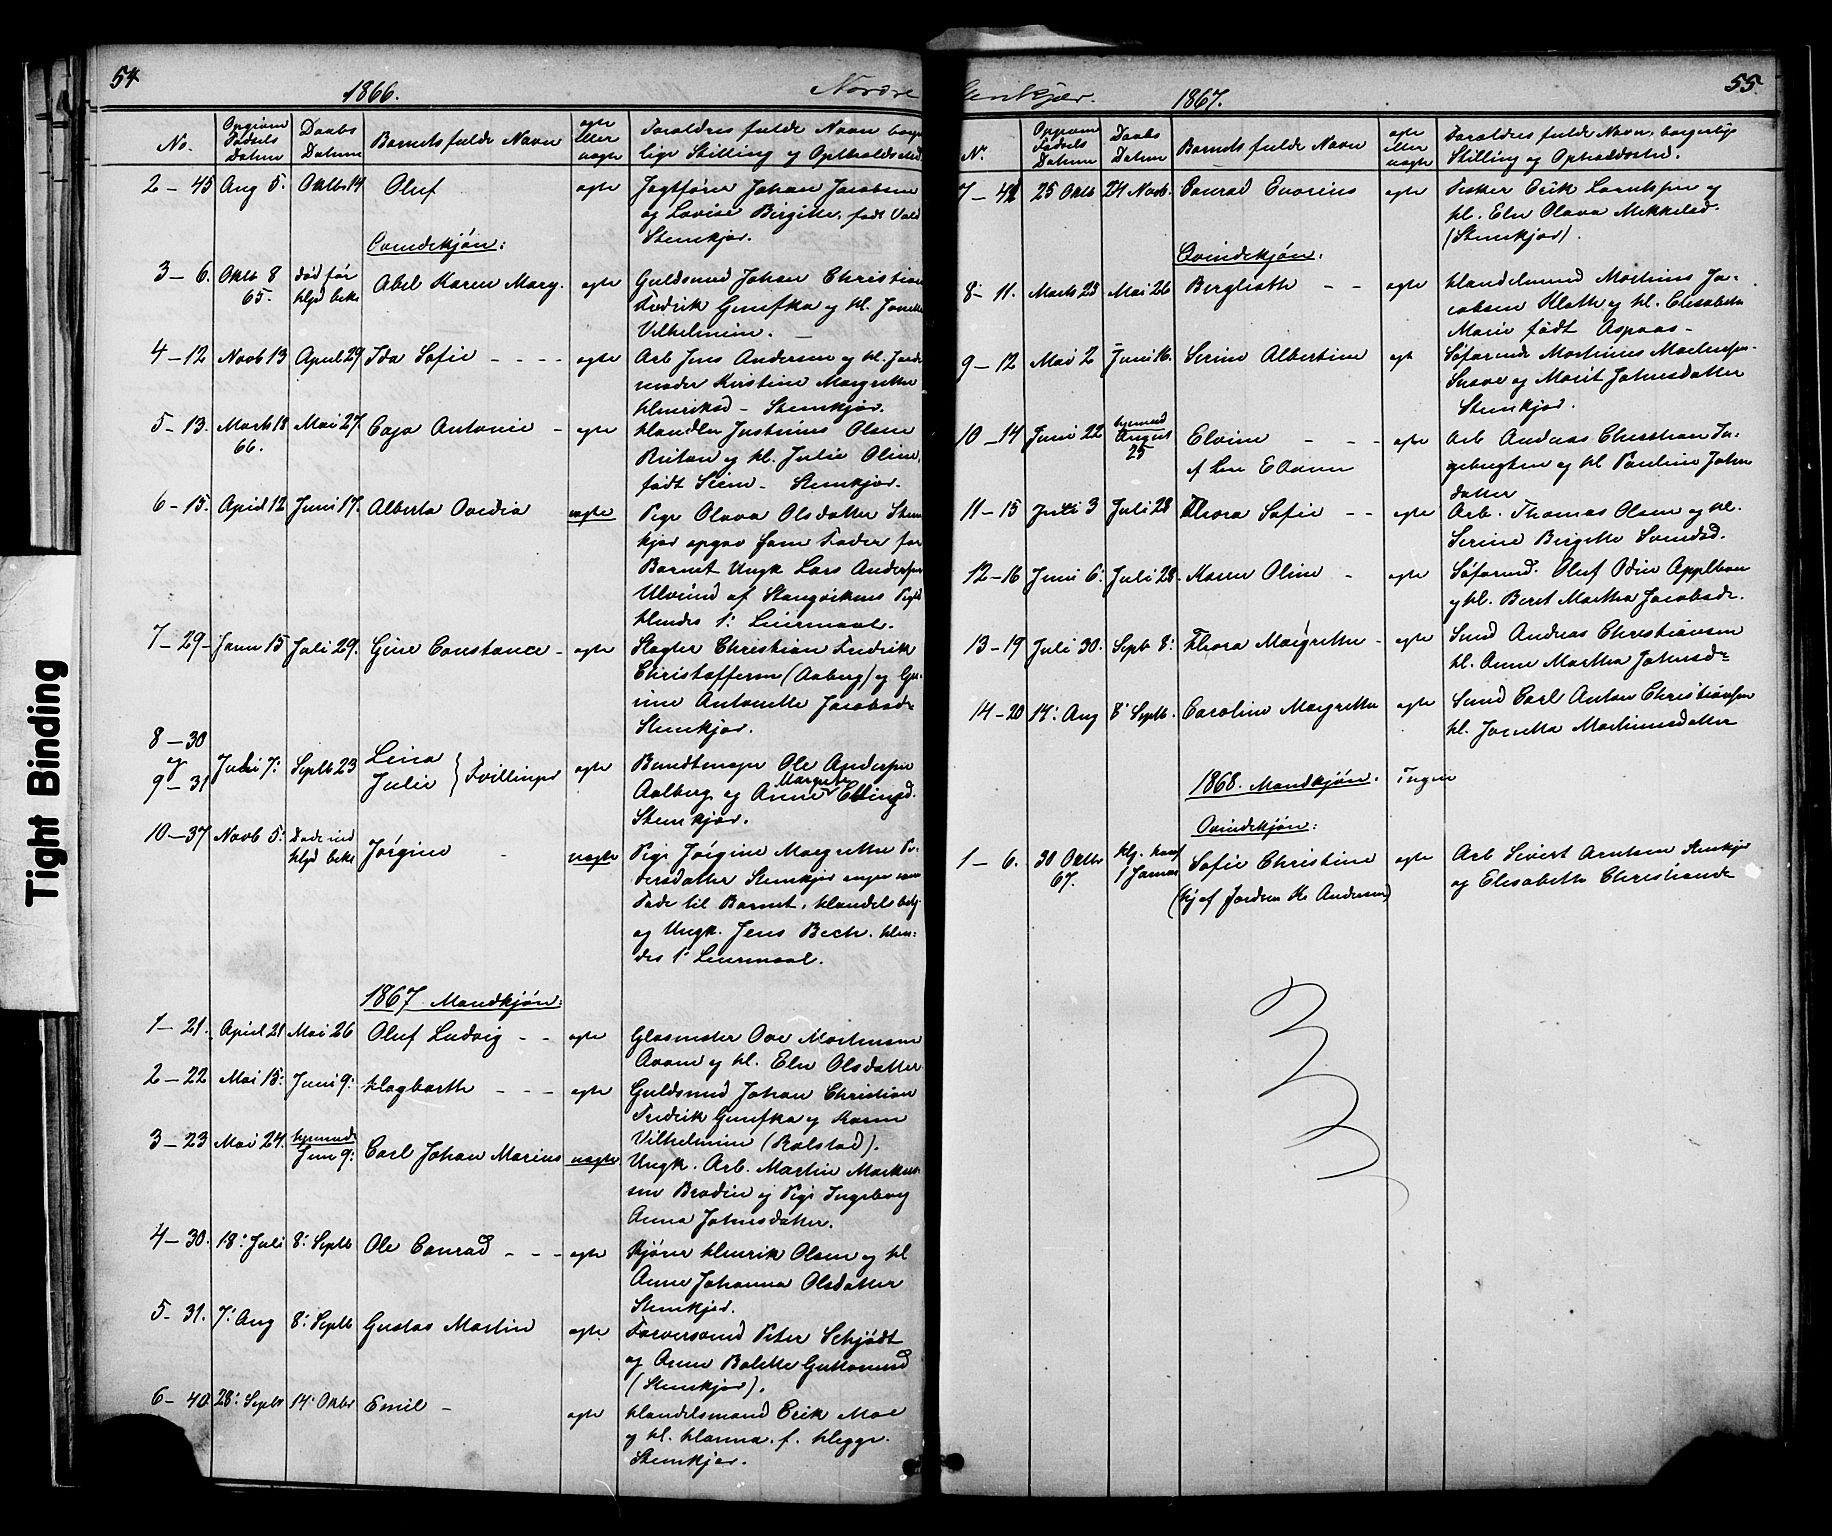 SAT, Ministerialprotokoller, klokkerbøker og fødselsregistre - Nord-Trøndelag, 739/L0367: Ministerialbok nr. 739A01 /2, 1838-1868, s. 54-55